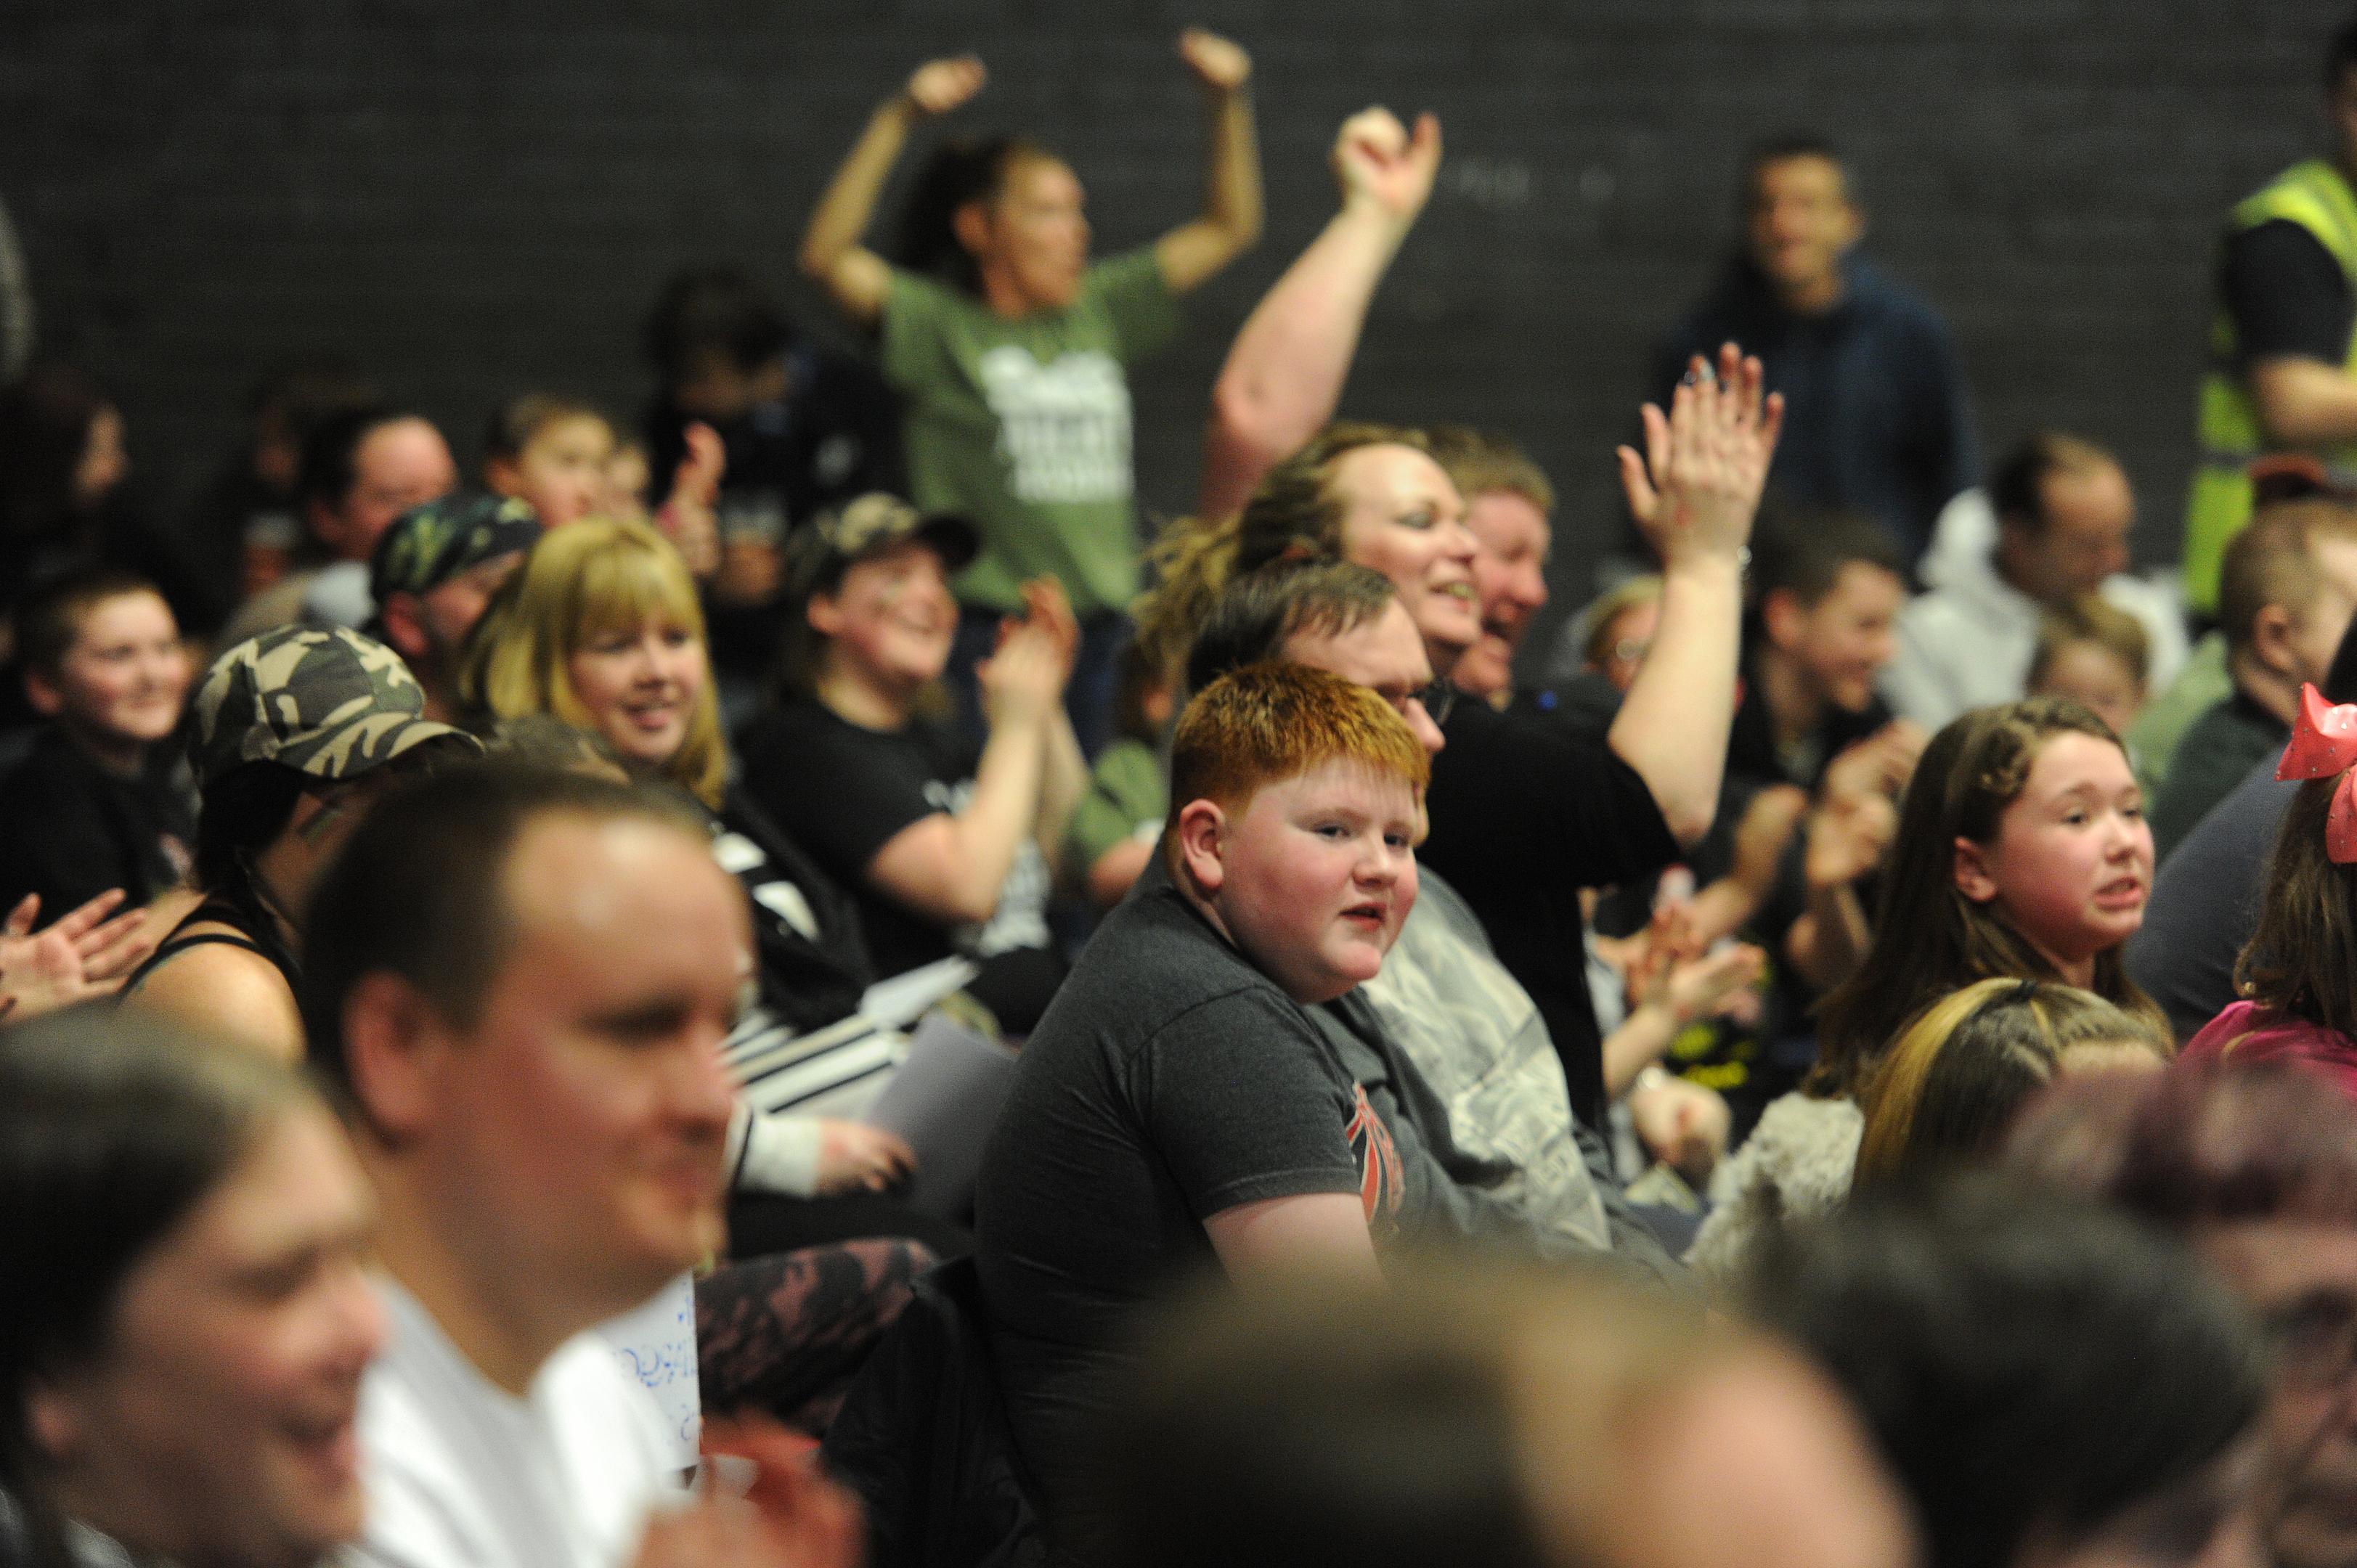 Fans enjoy the SWE wrestling event.